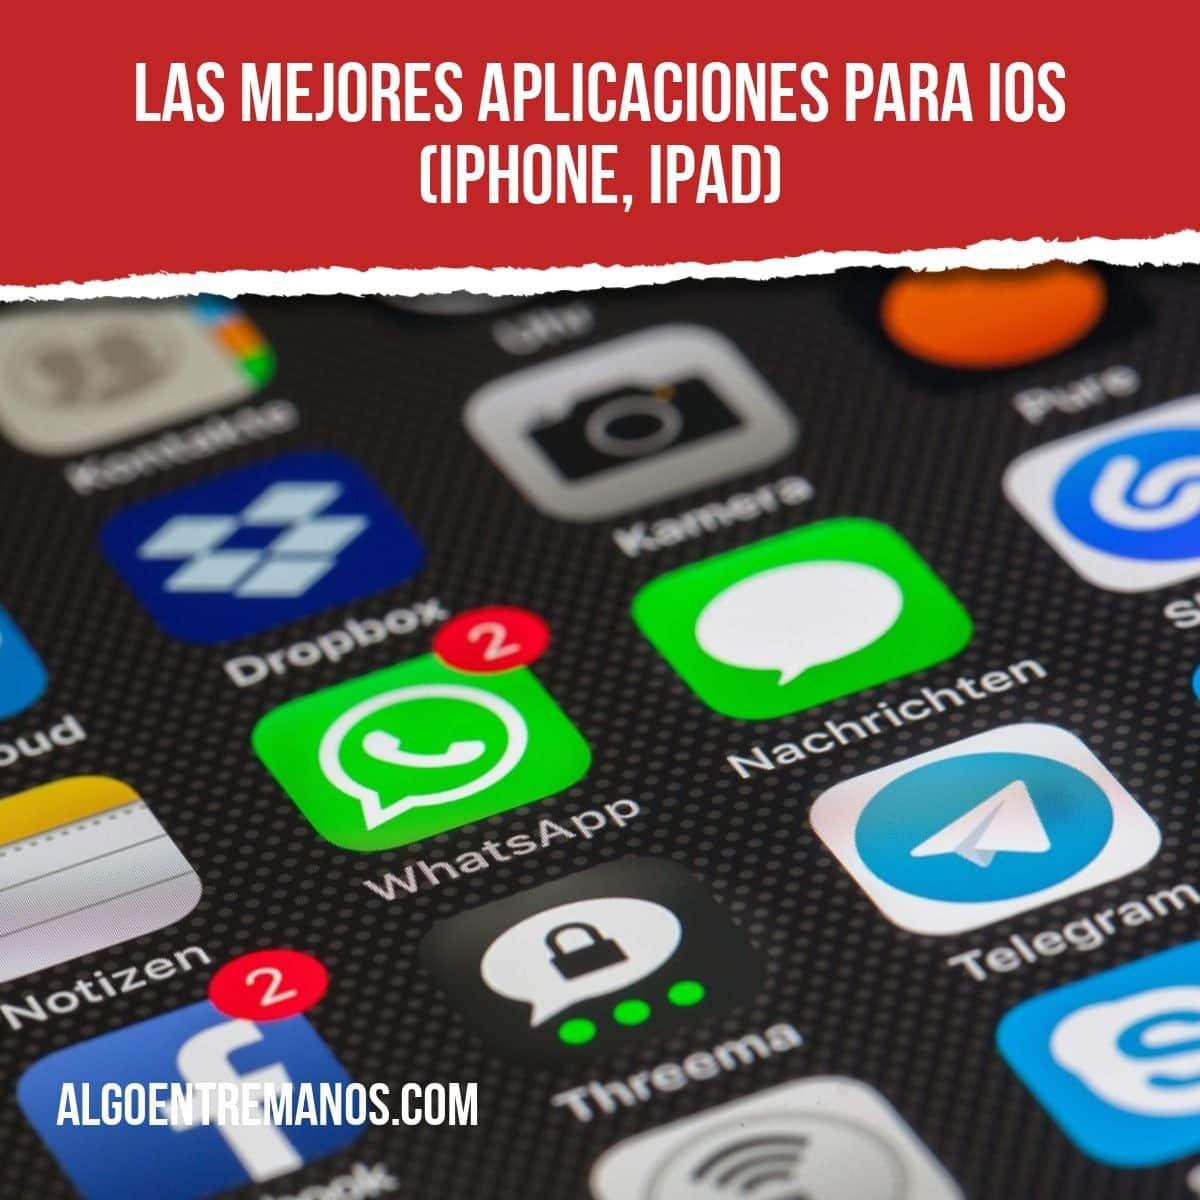 Las Mejores Aplicaciones Para Iphone Ipad Gratis Y De Pago En 2020